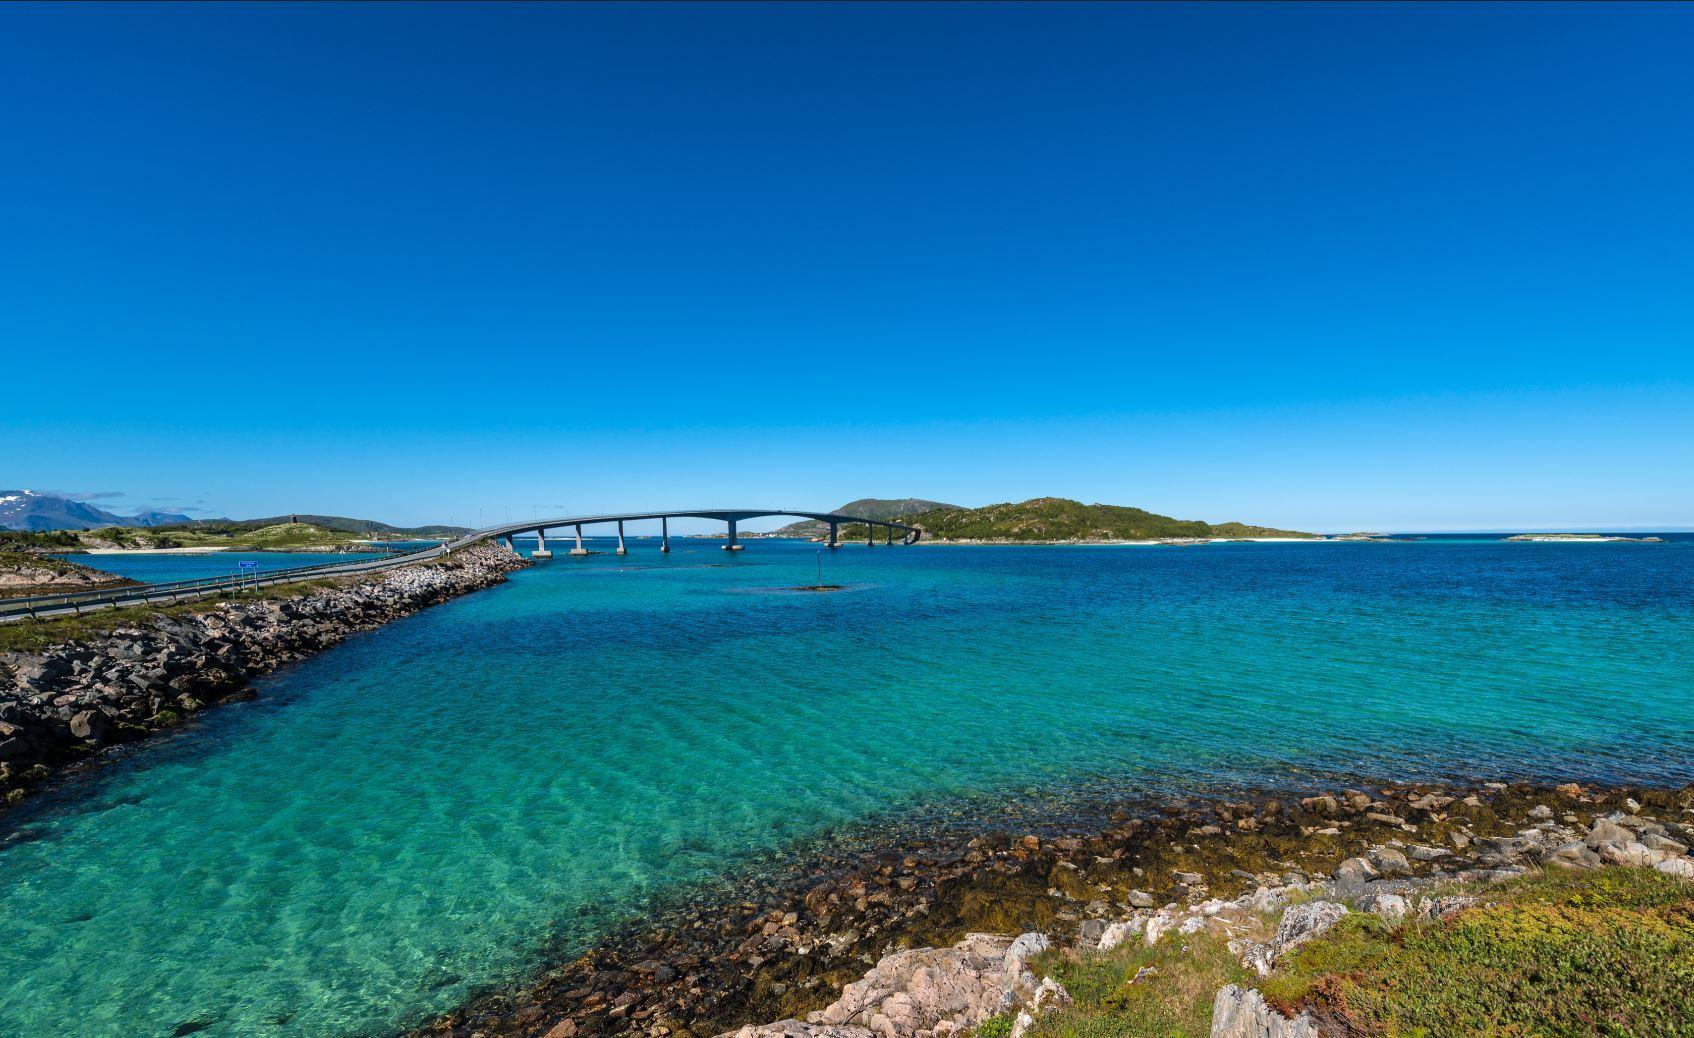 Kvaløya Fjord Tour - Northern Norway Travel